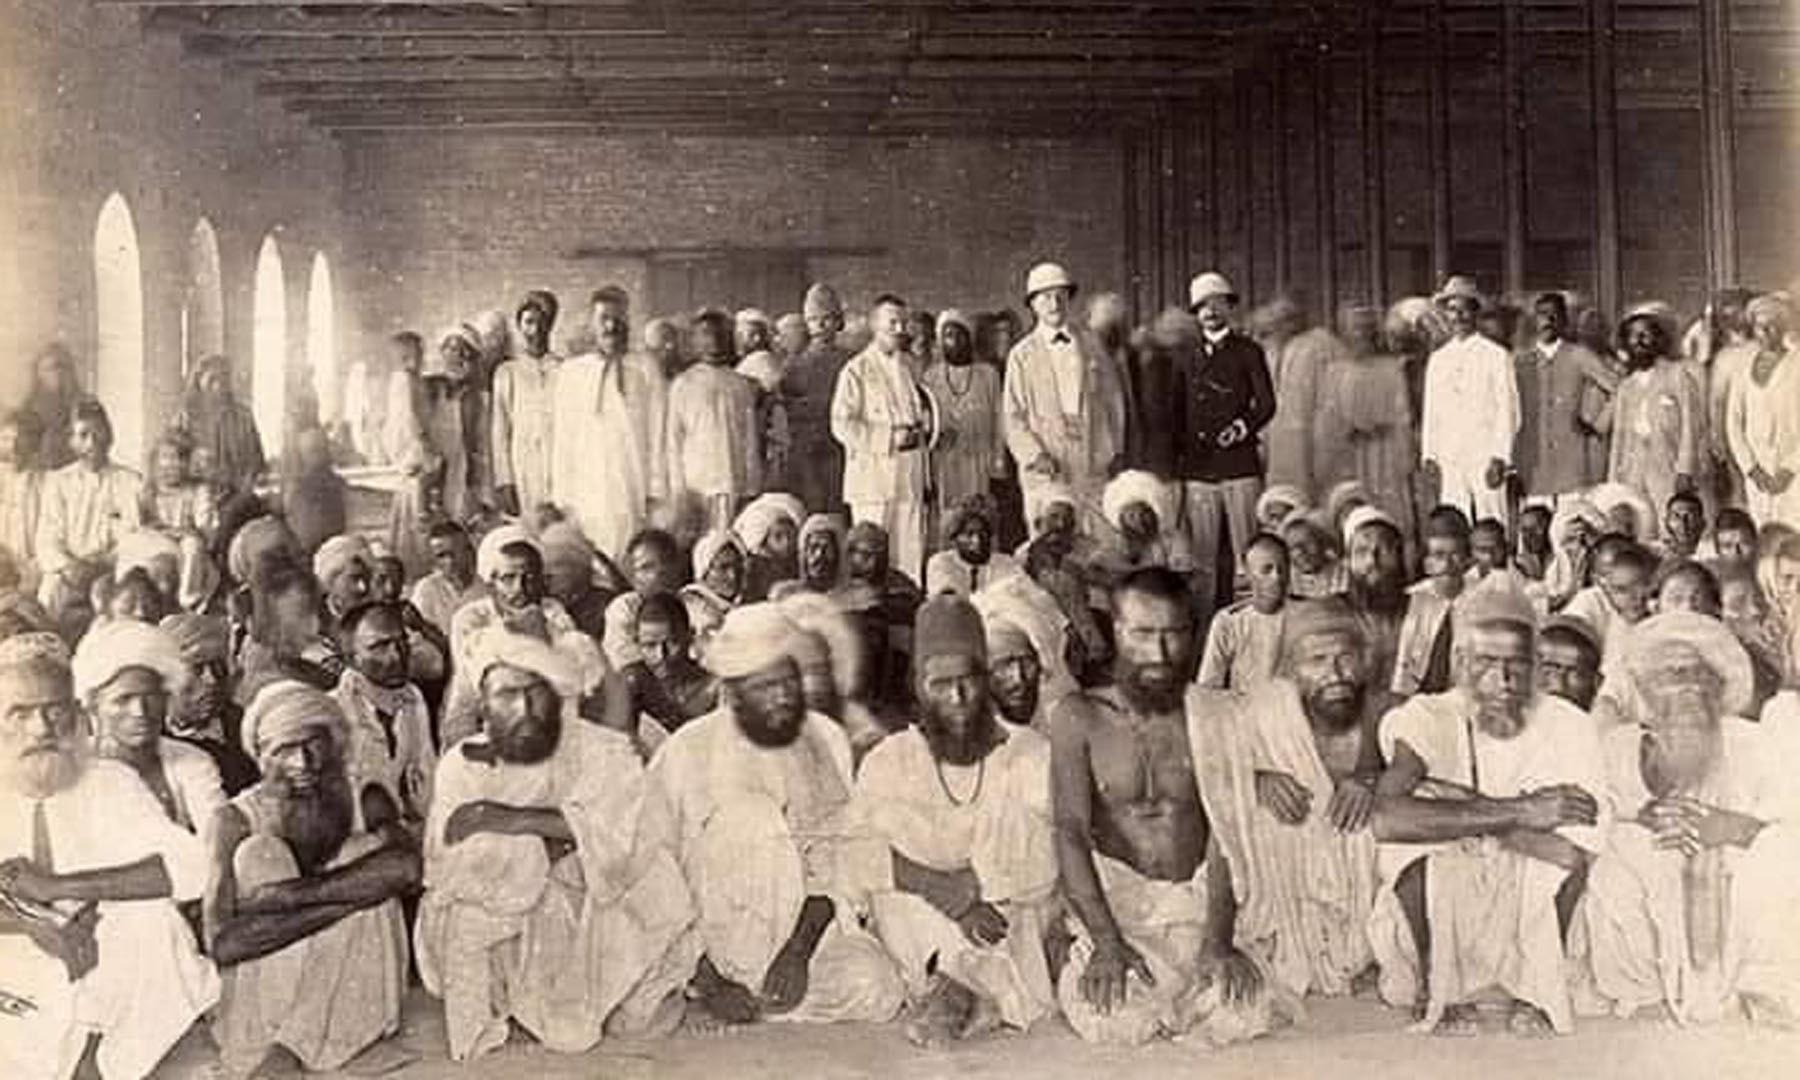 1897ء میں کراچی میں قرنطینہ مرکز —Wellcome Library archive collection